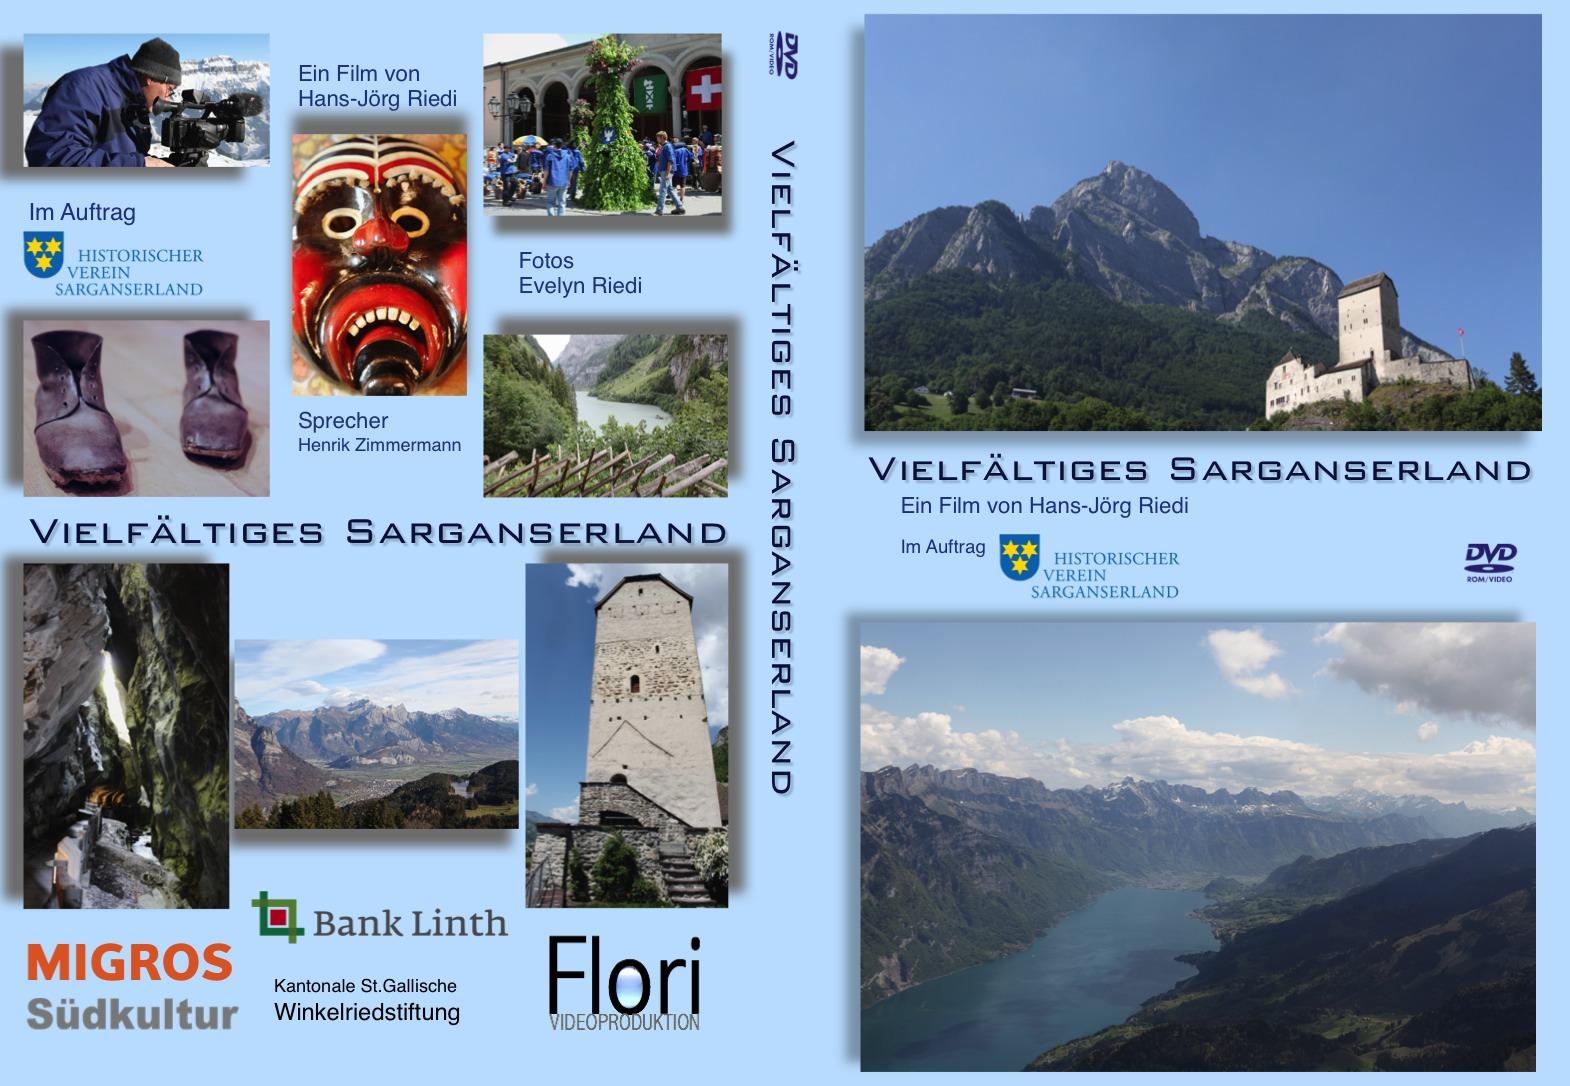 Vielfältiges Sarganserland